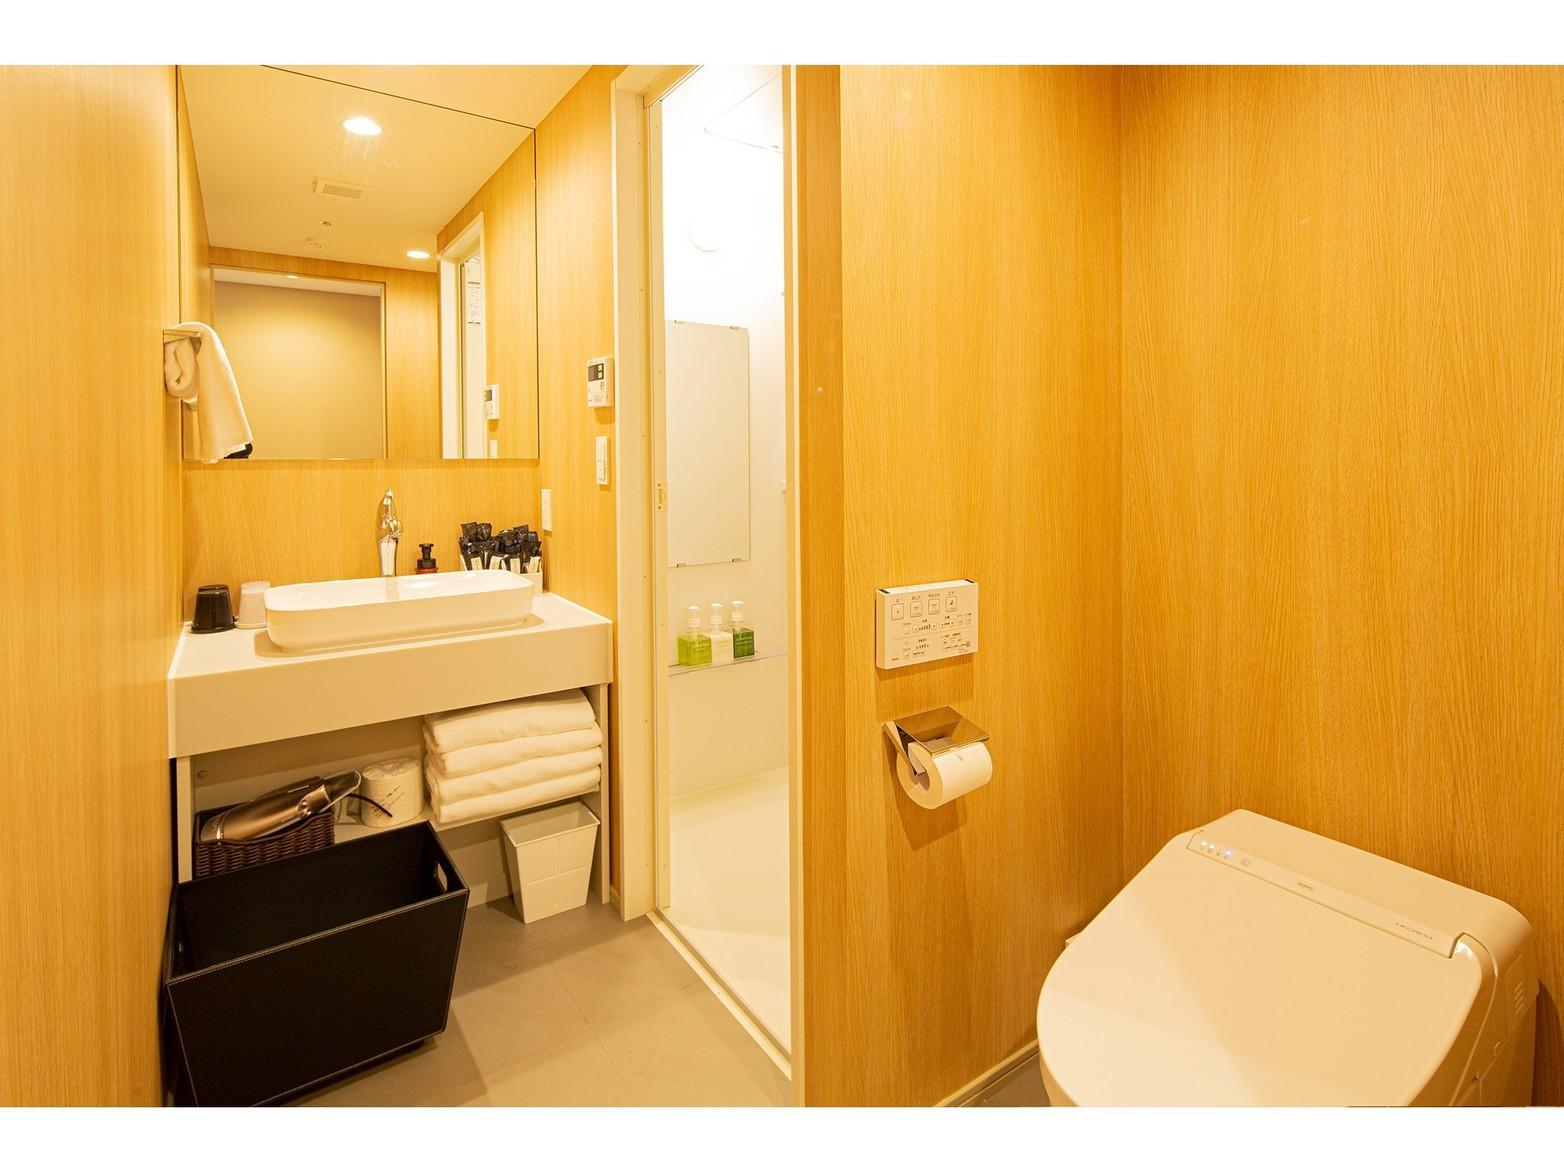 全部屋トイレとお風呂はセパレートです。